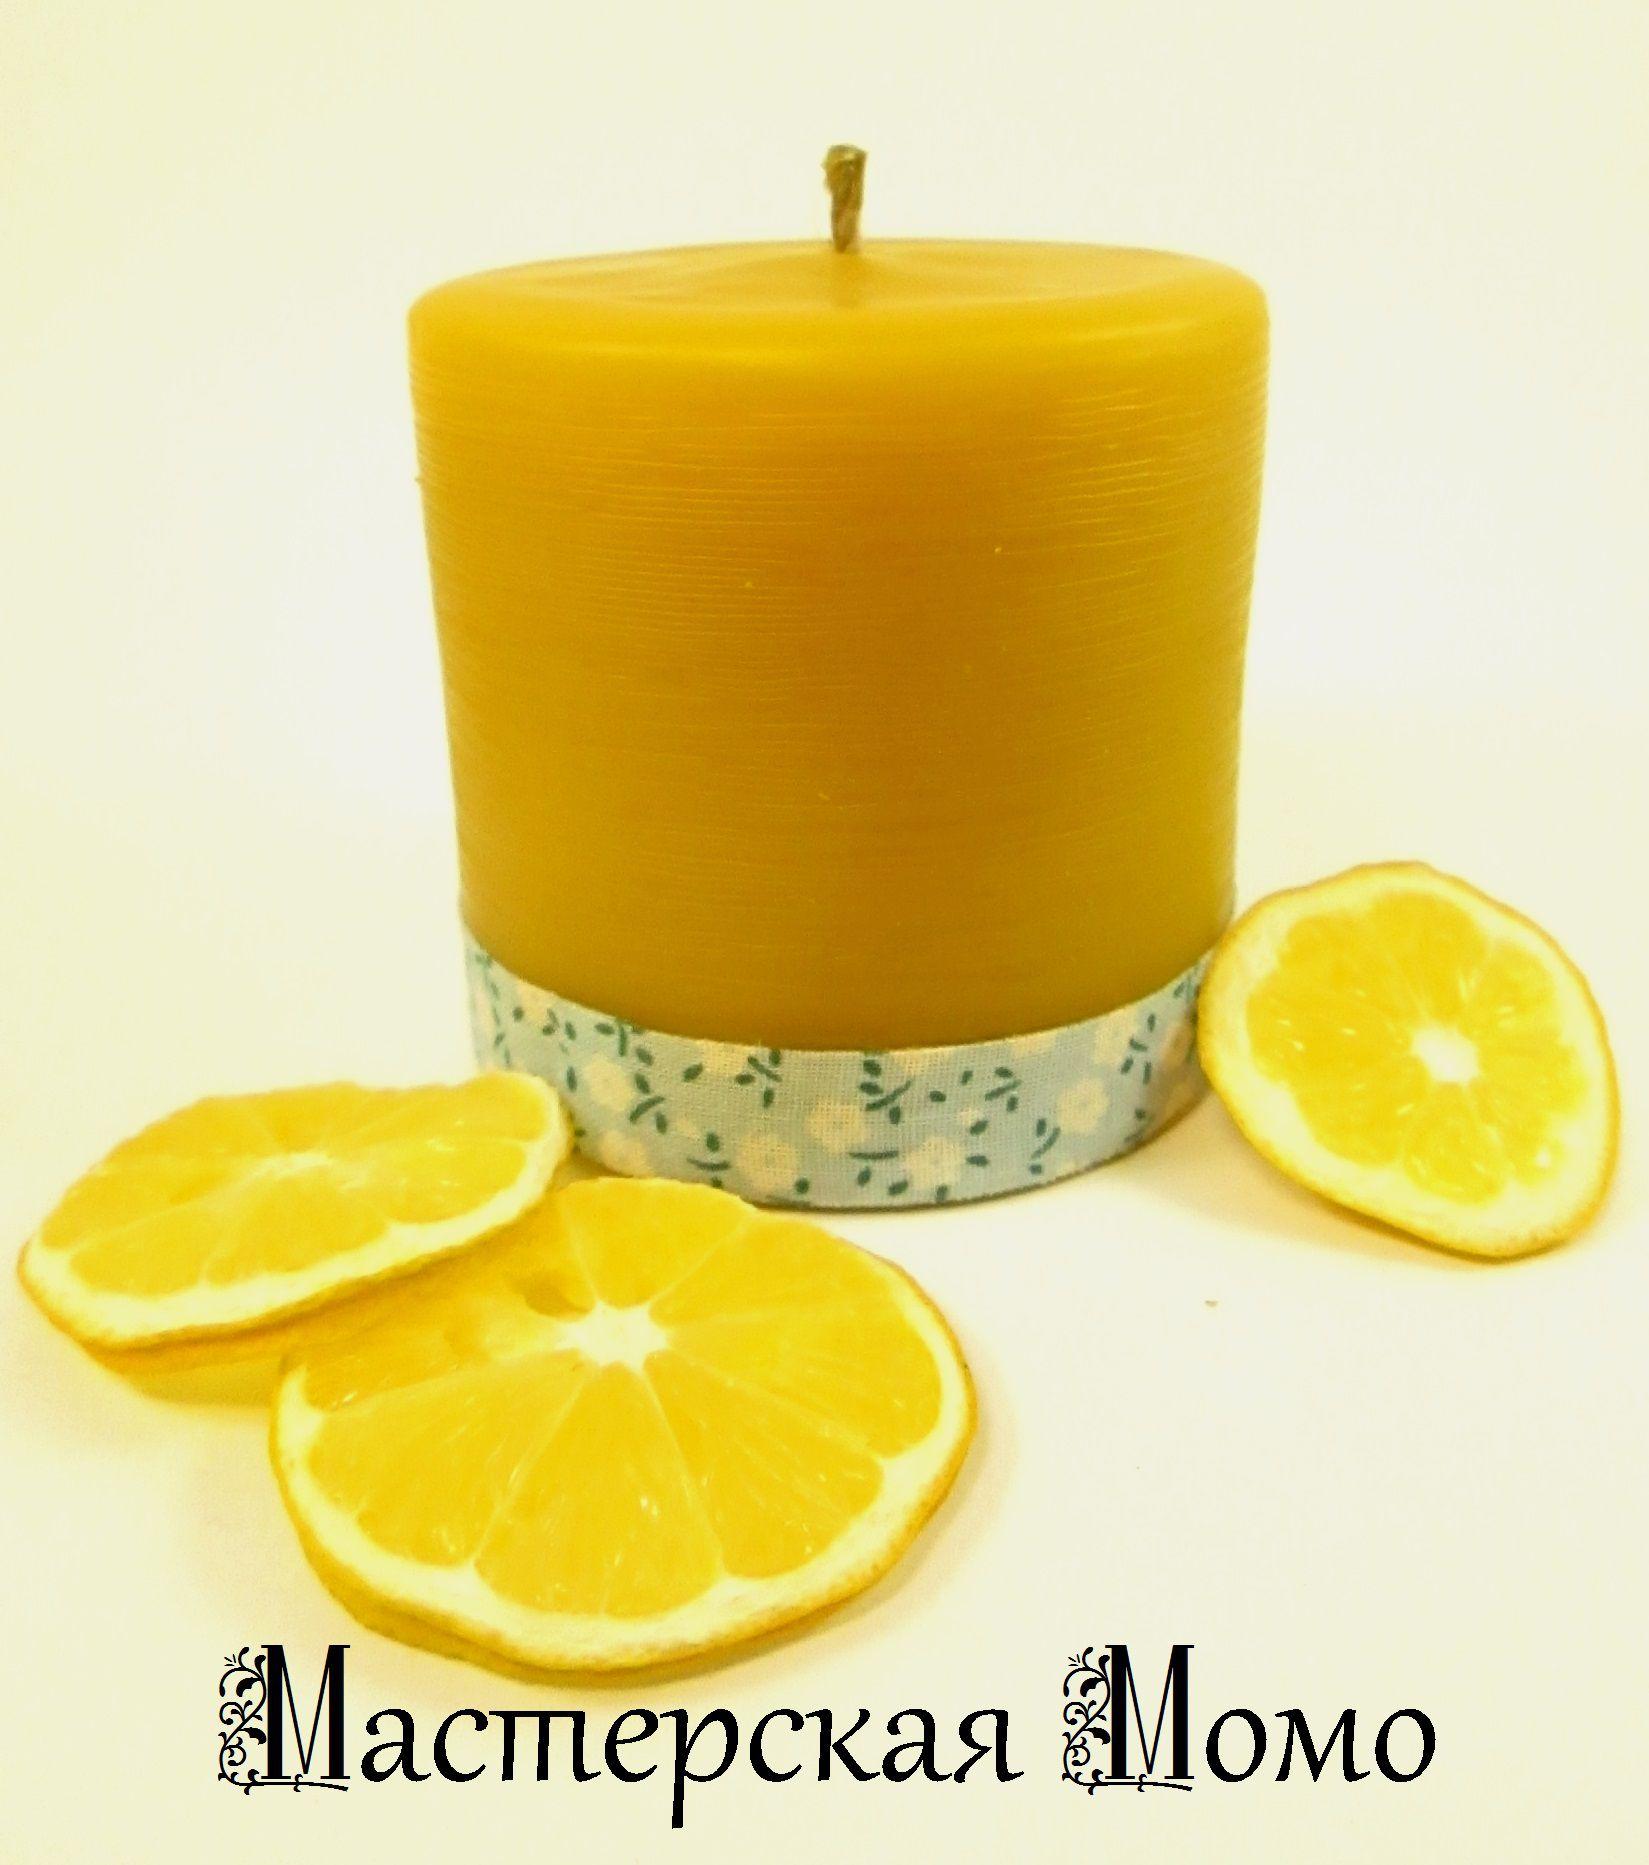 нежный из свеча подарок свидание мужчине. любовь воска сувенир ручной работы романтика романтический девушке отношения